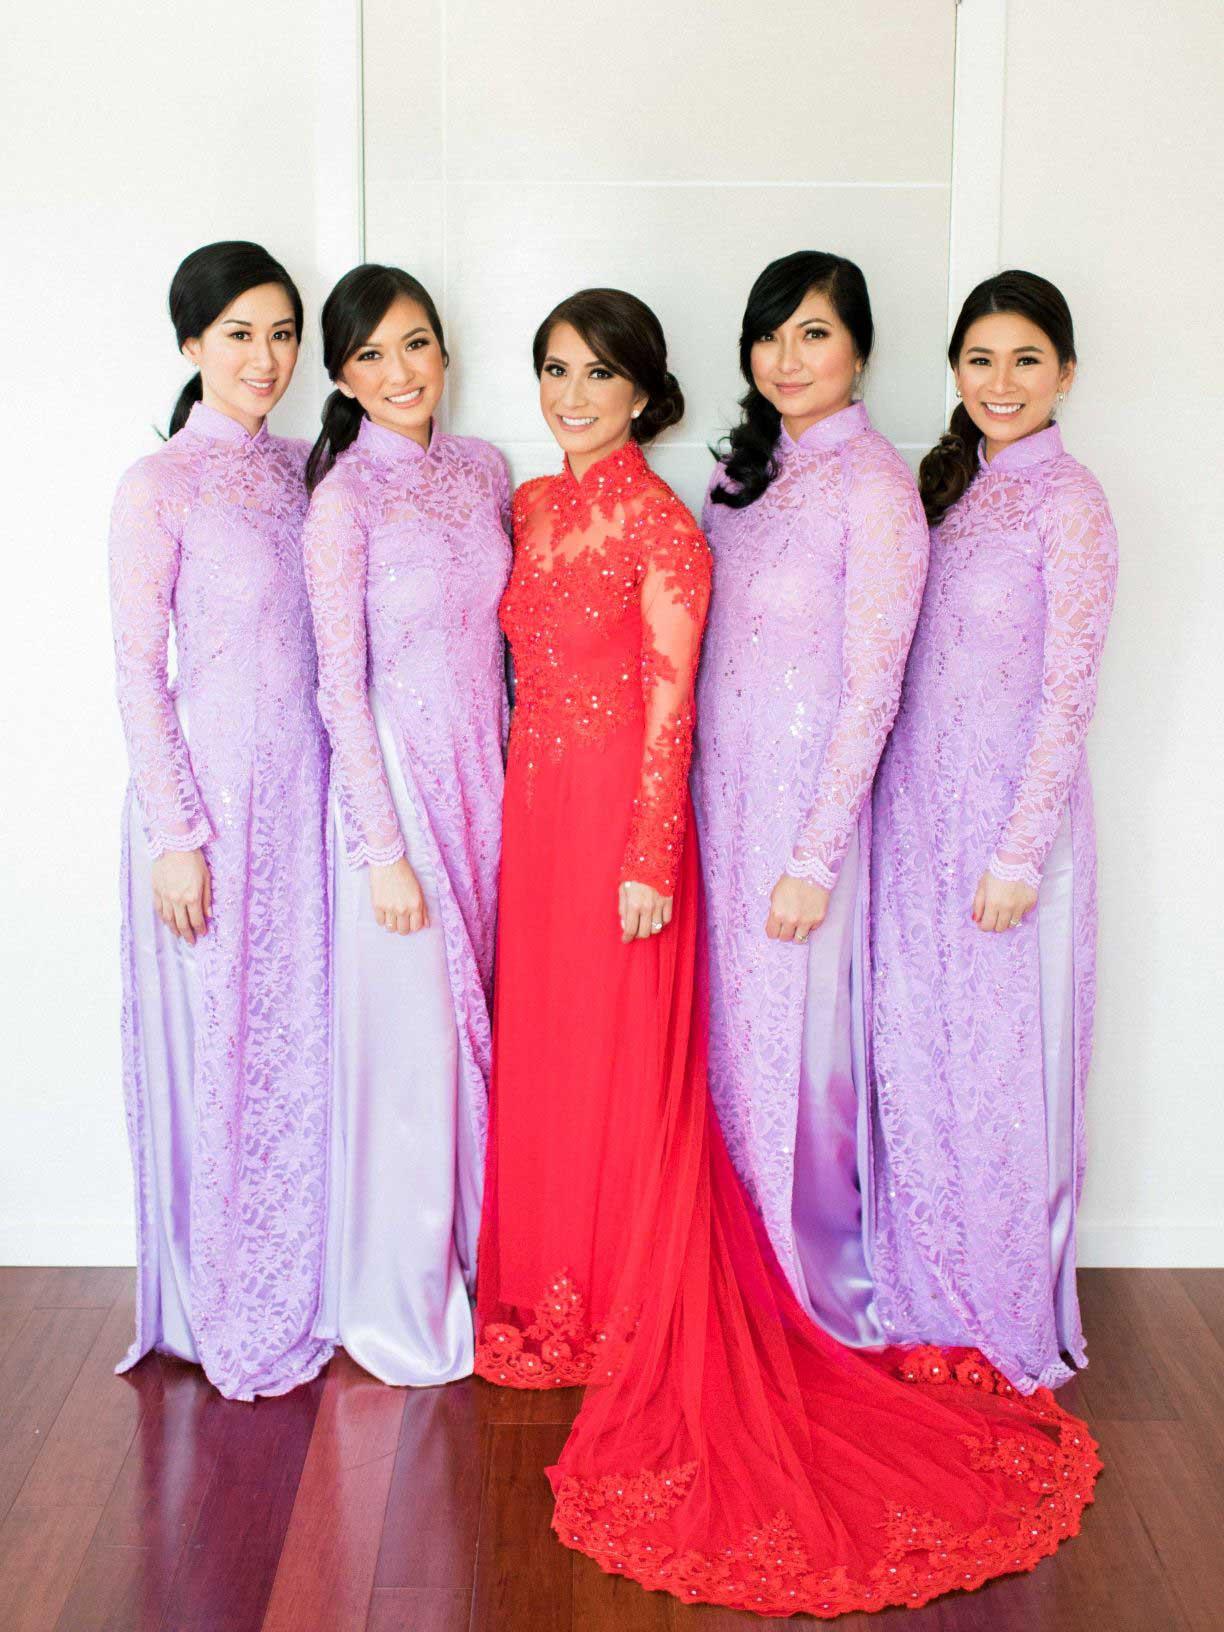 Linda's Wedding Ao Dai Photo 4